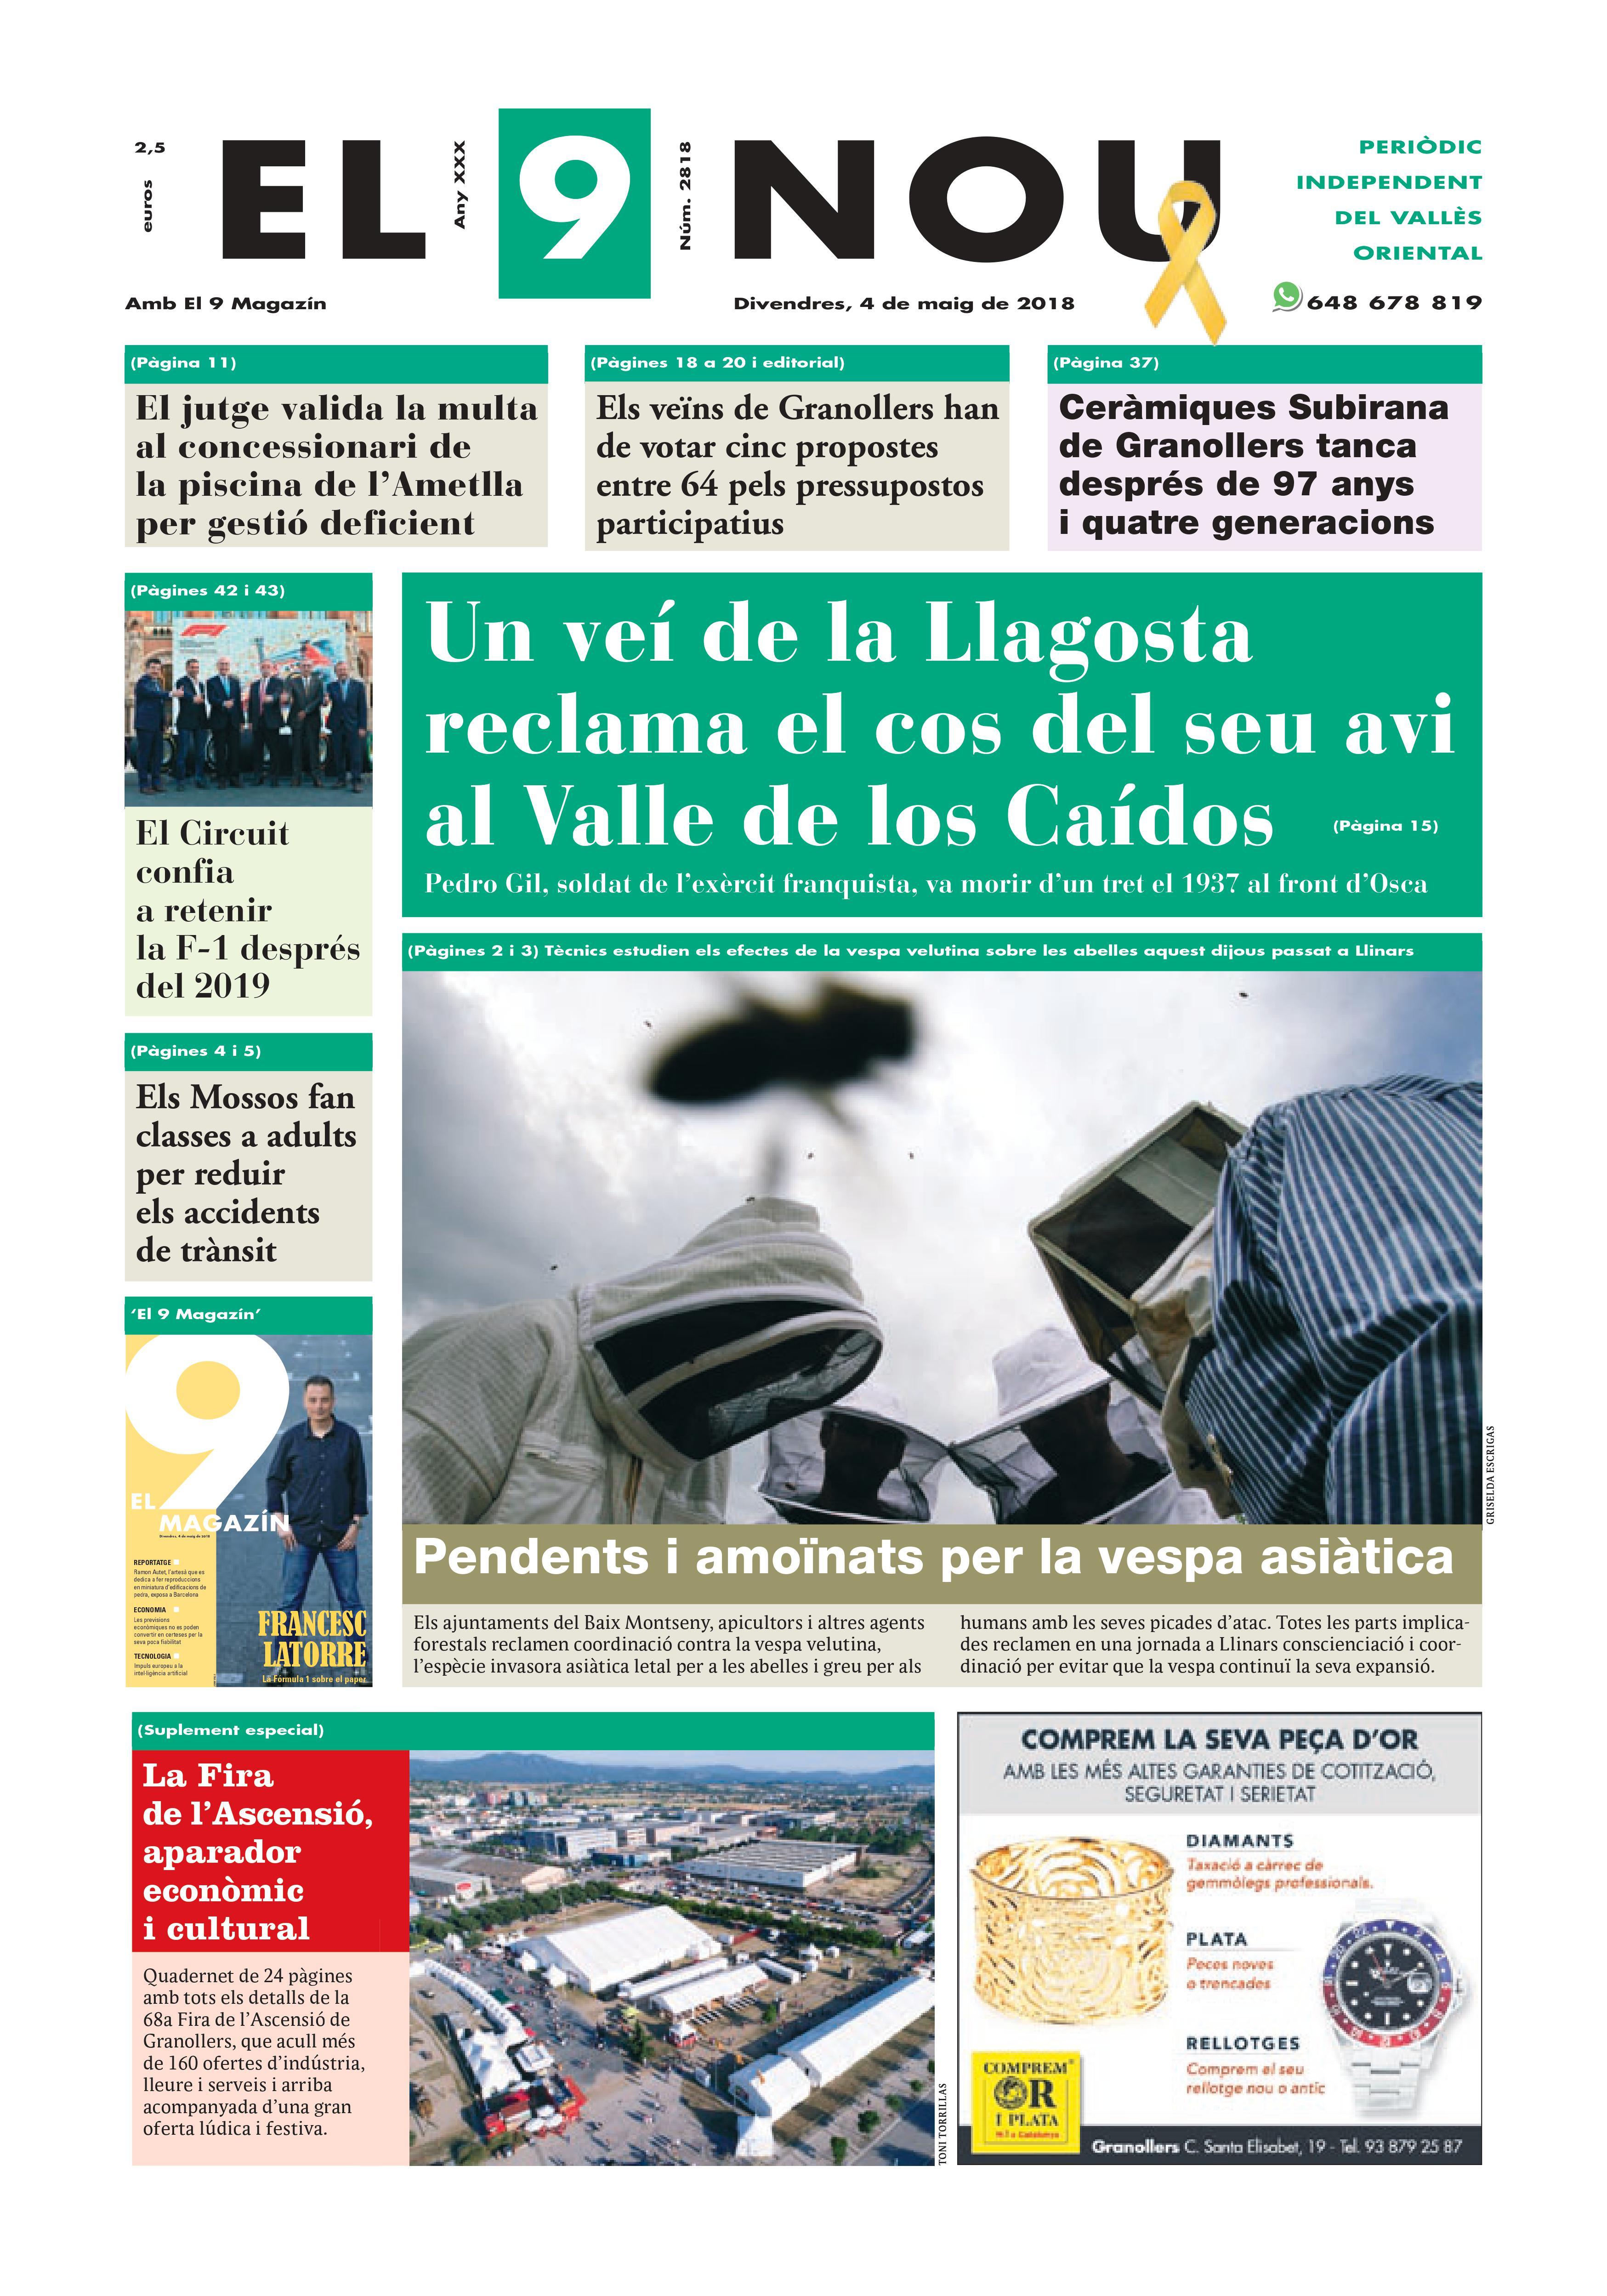 Primera plana EL 9 NOU 04_05_16 Vallès